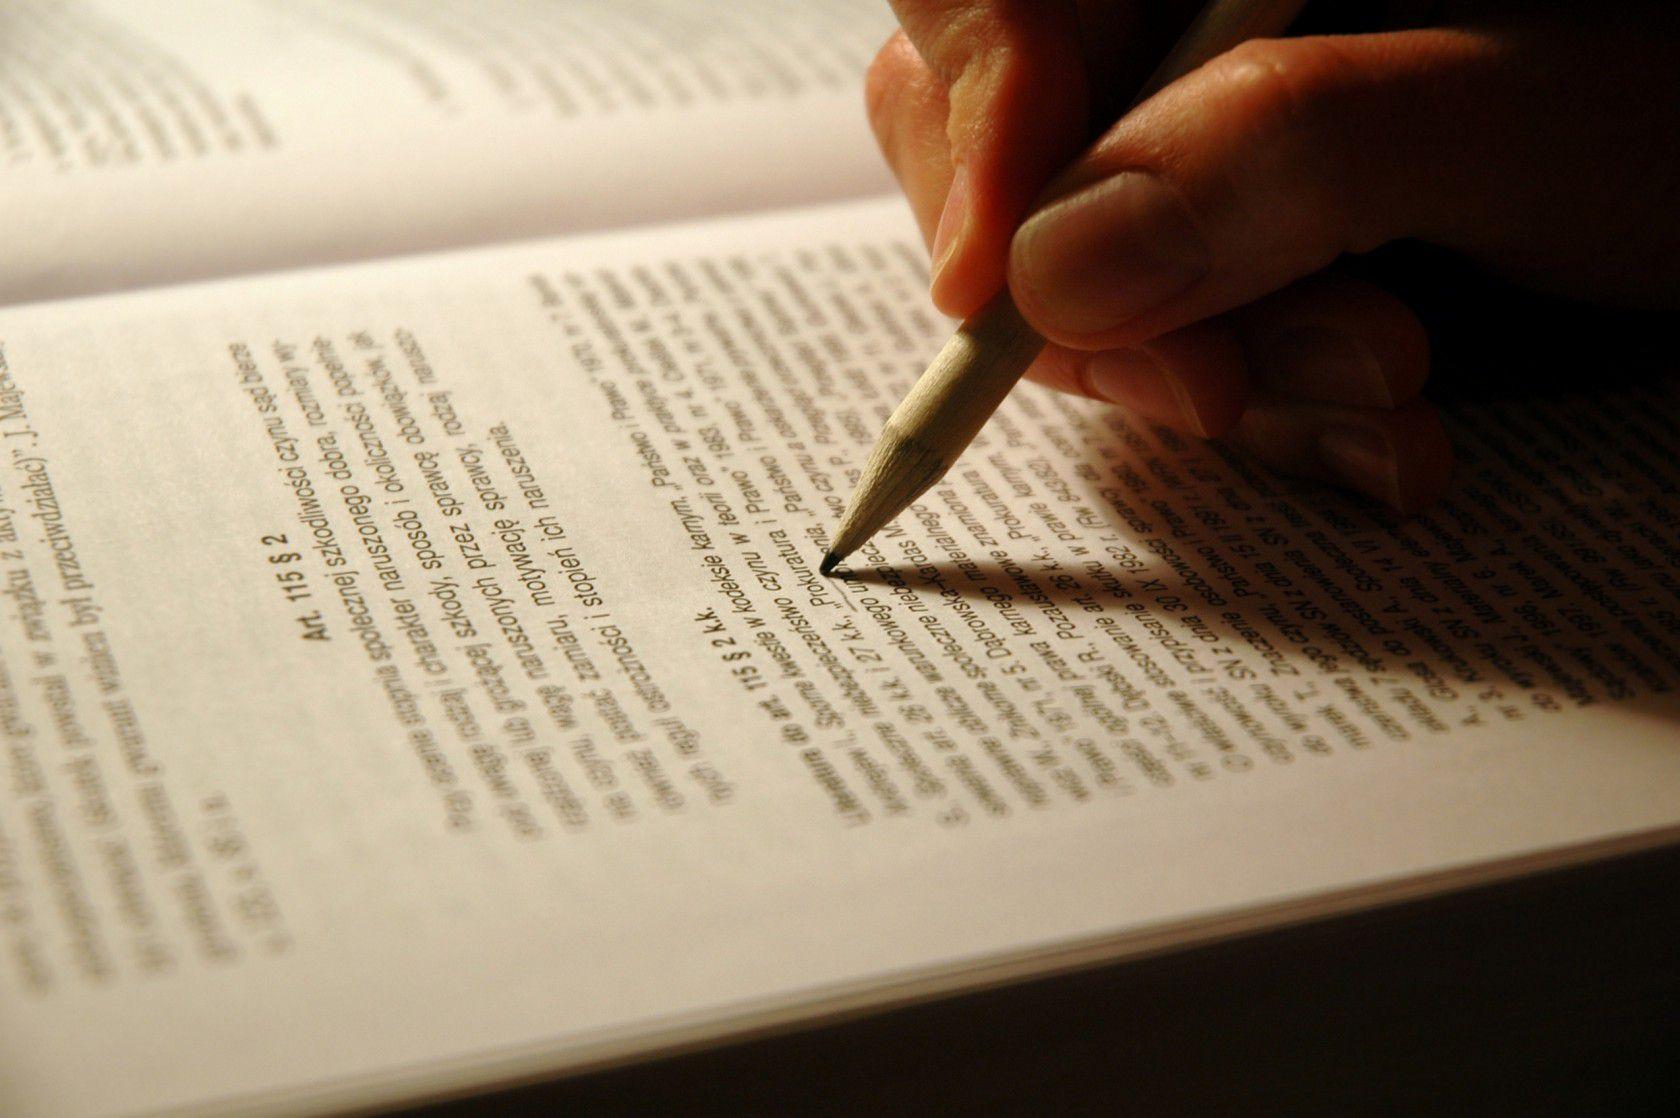 ISEE sınavı hazırlık sürecinde neden danışmanlık alınmalıdır?